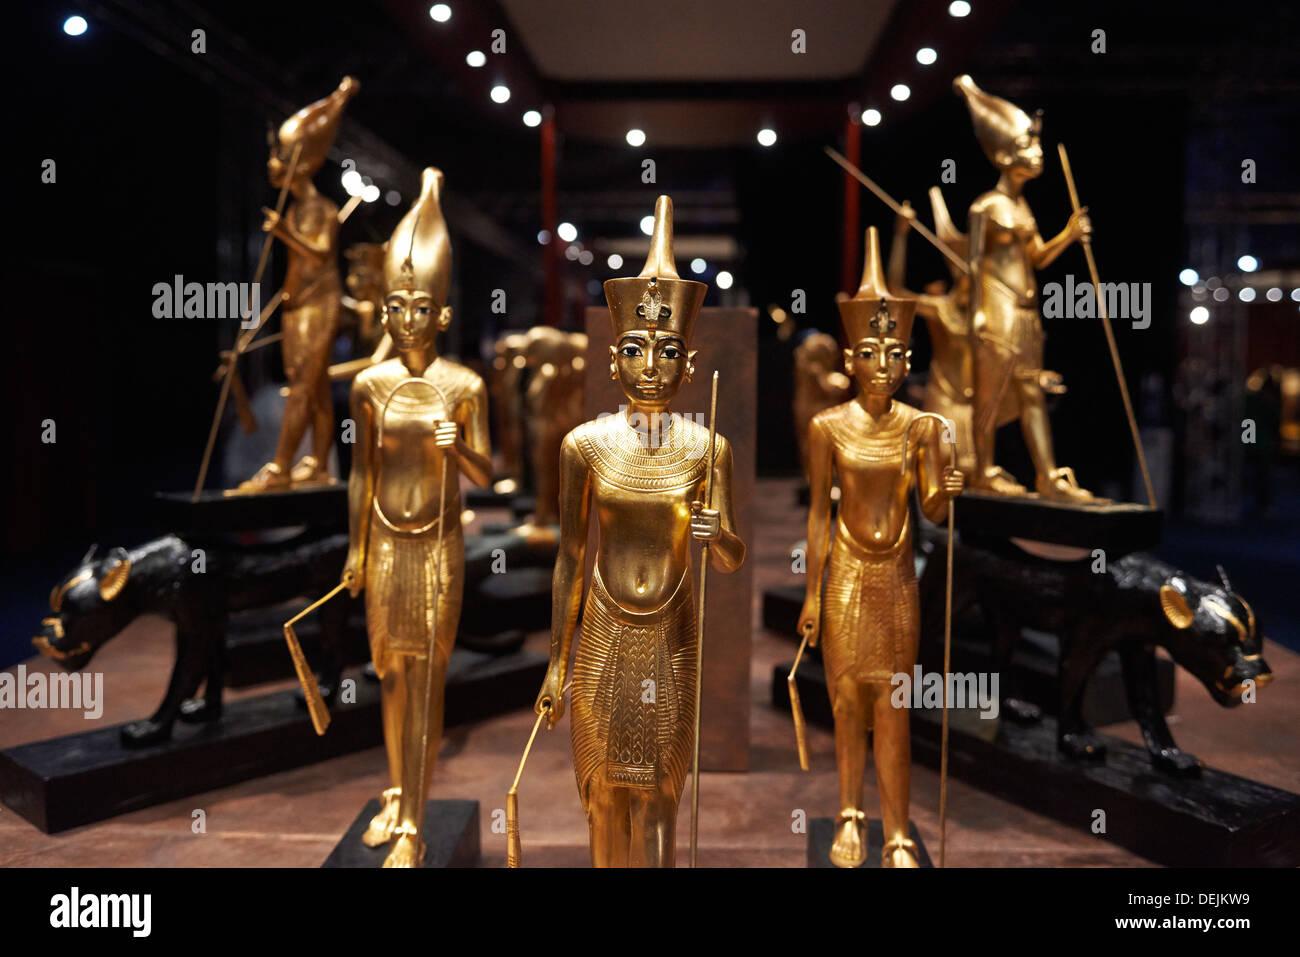 Treasures of King Tut – Carl B Johnson |King Tut And His Treasures